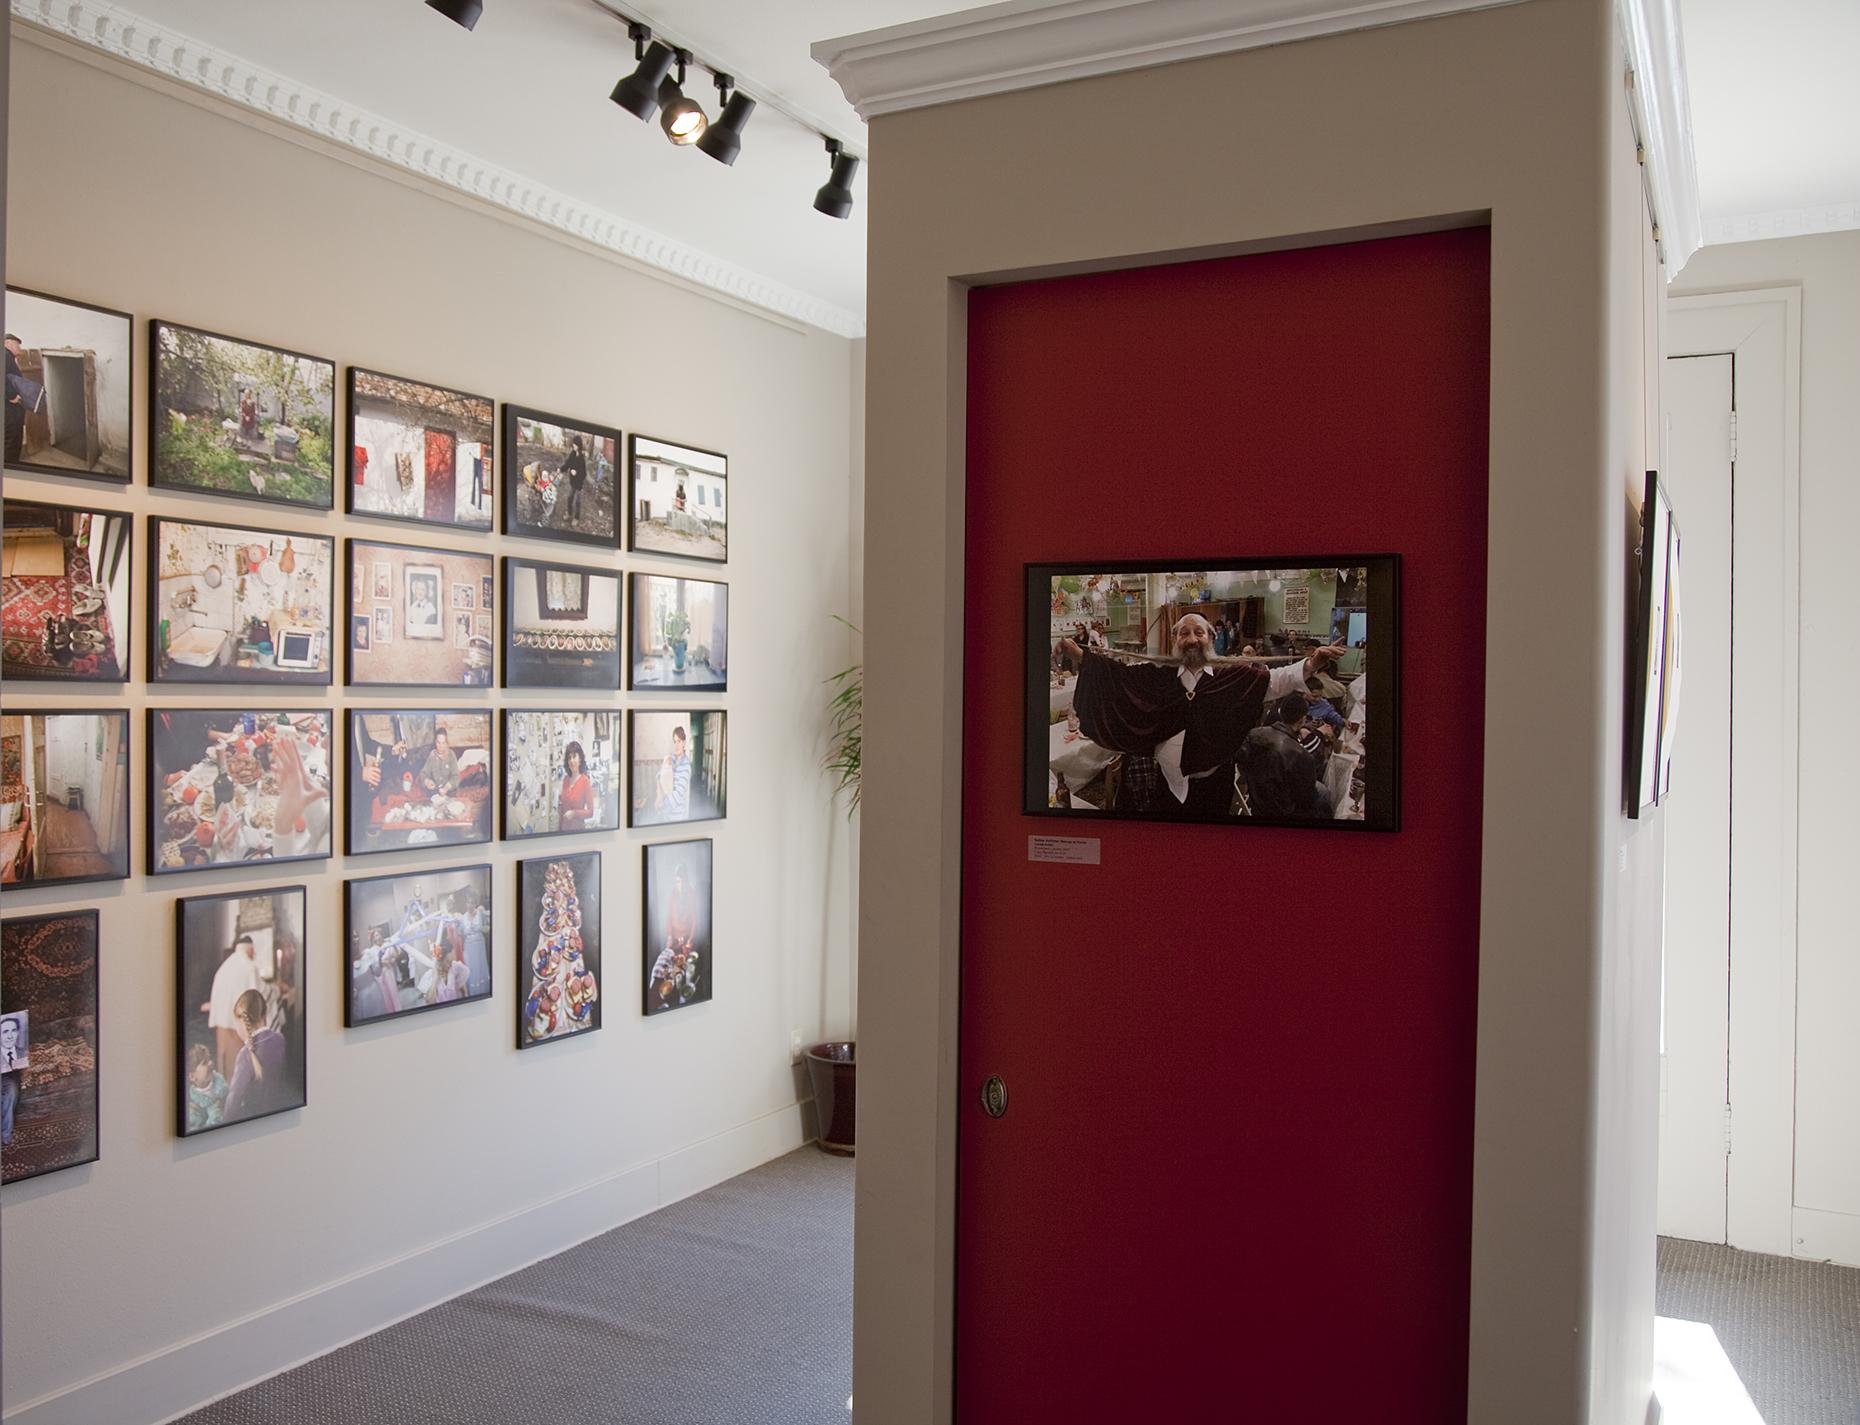 L. Nowlin Gallery